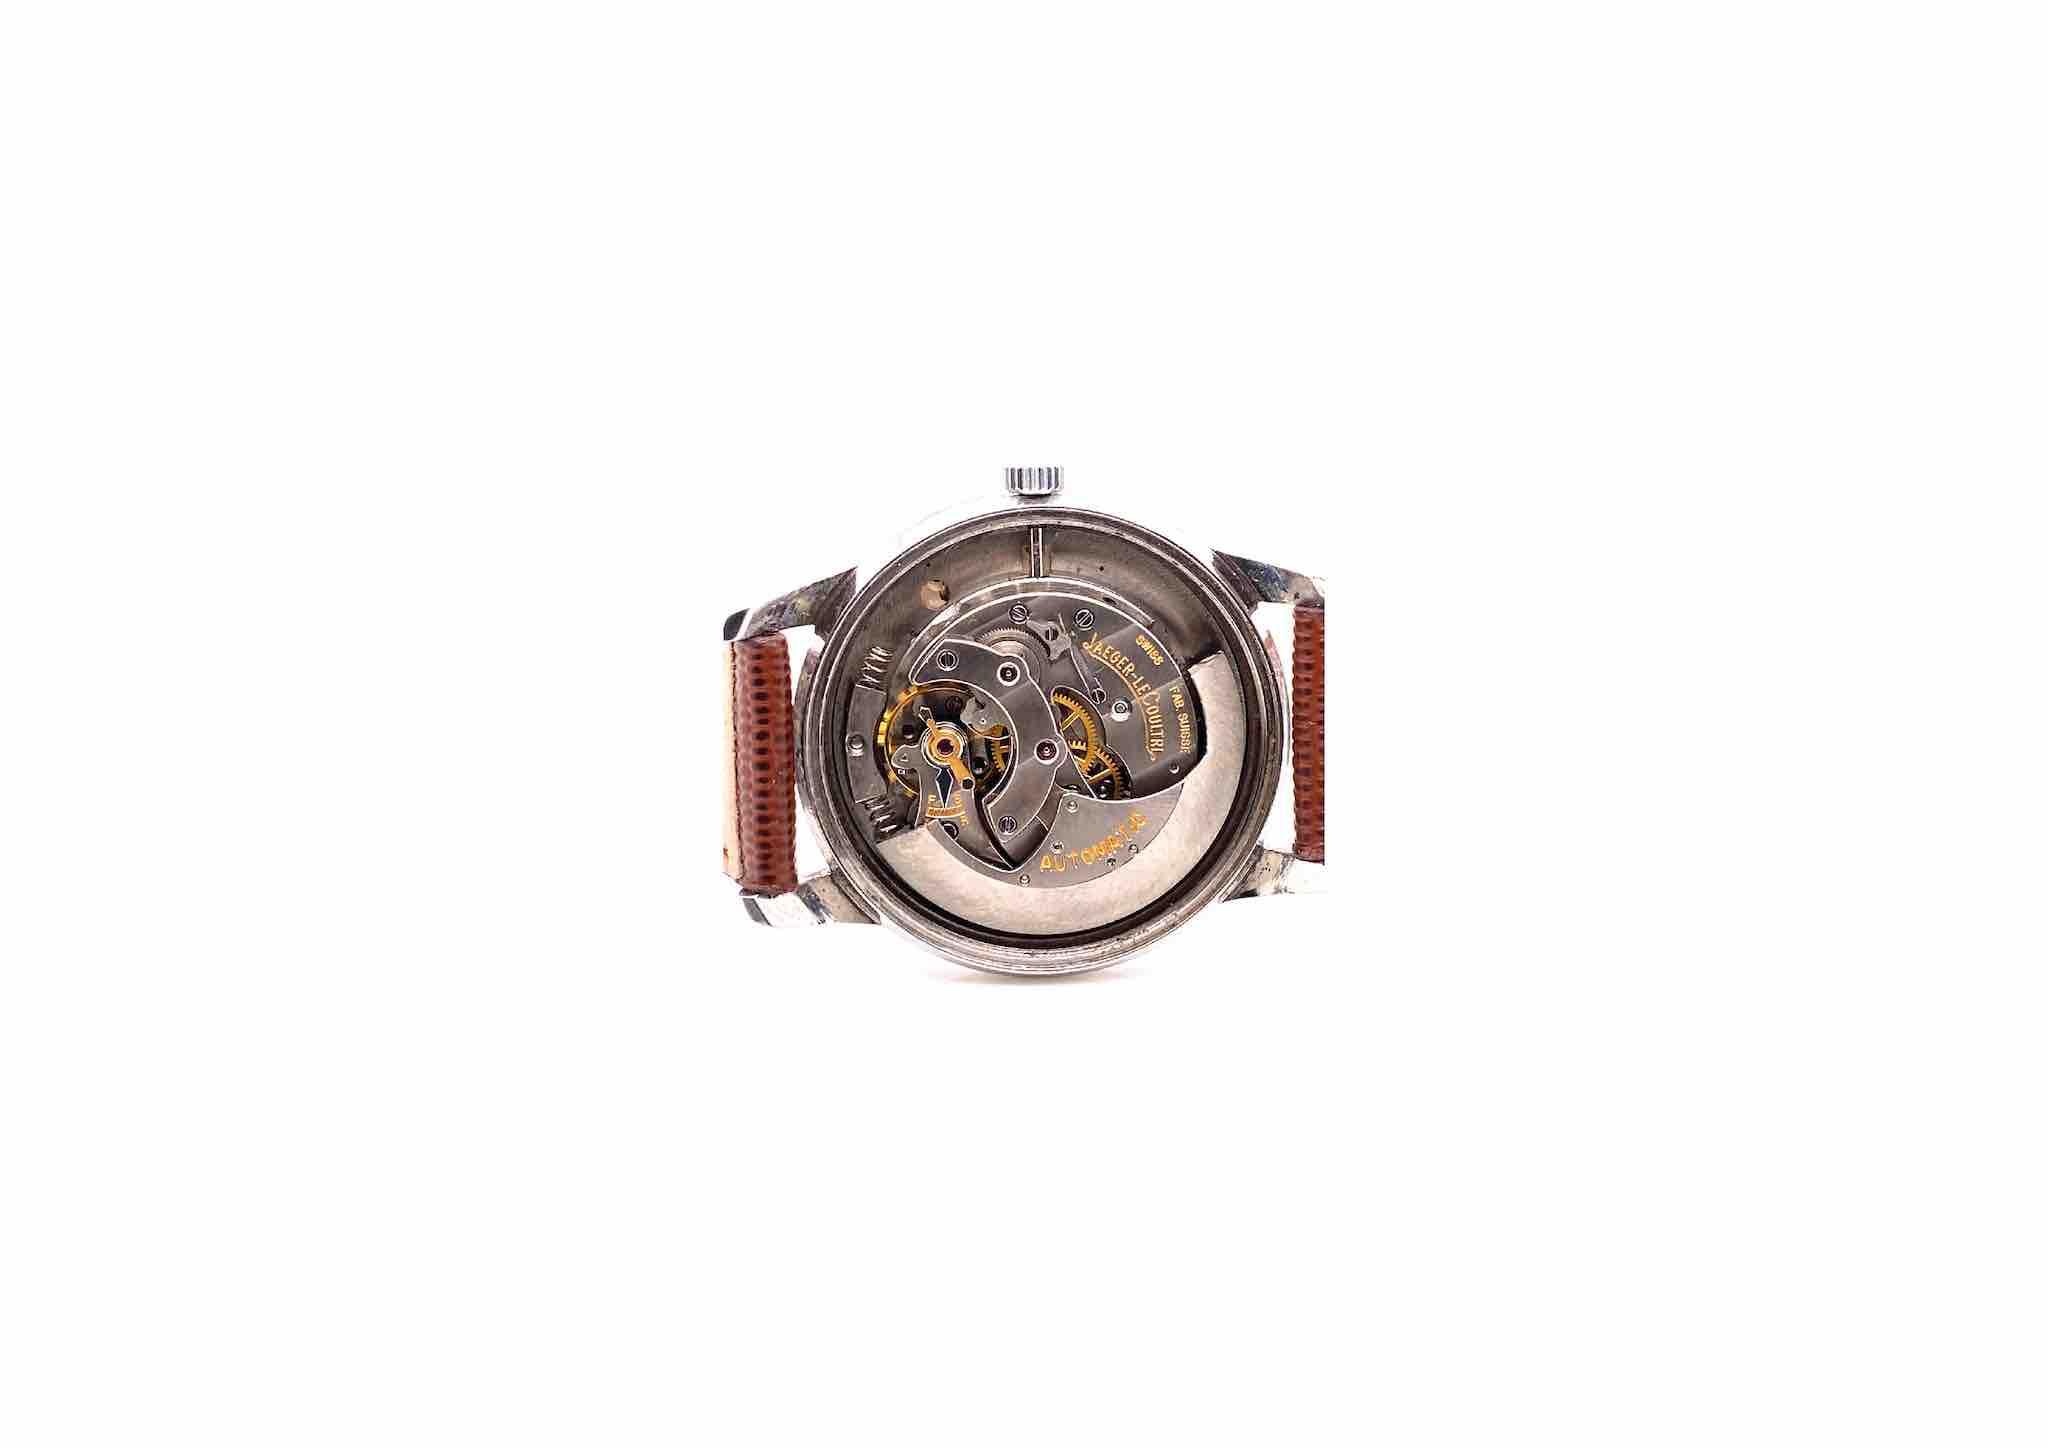 Montre vintage Jaeger LeCoultre réserve de marche